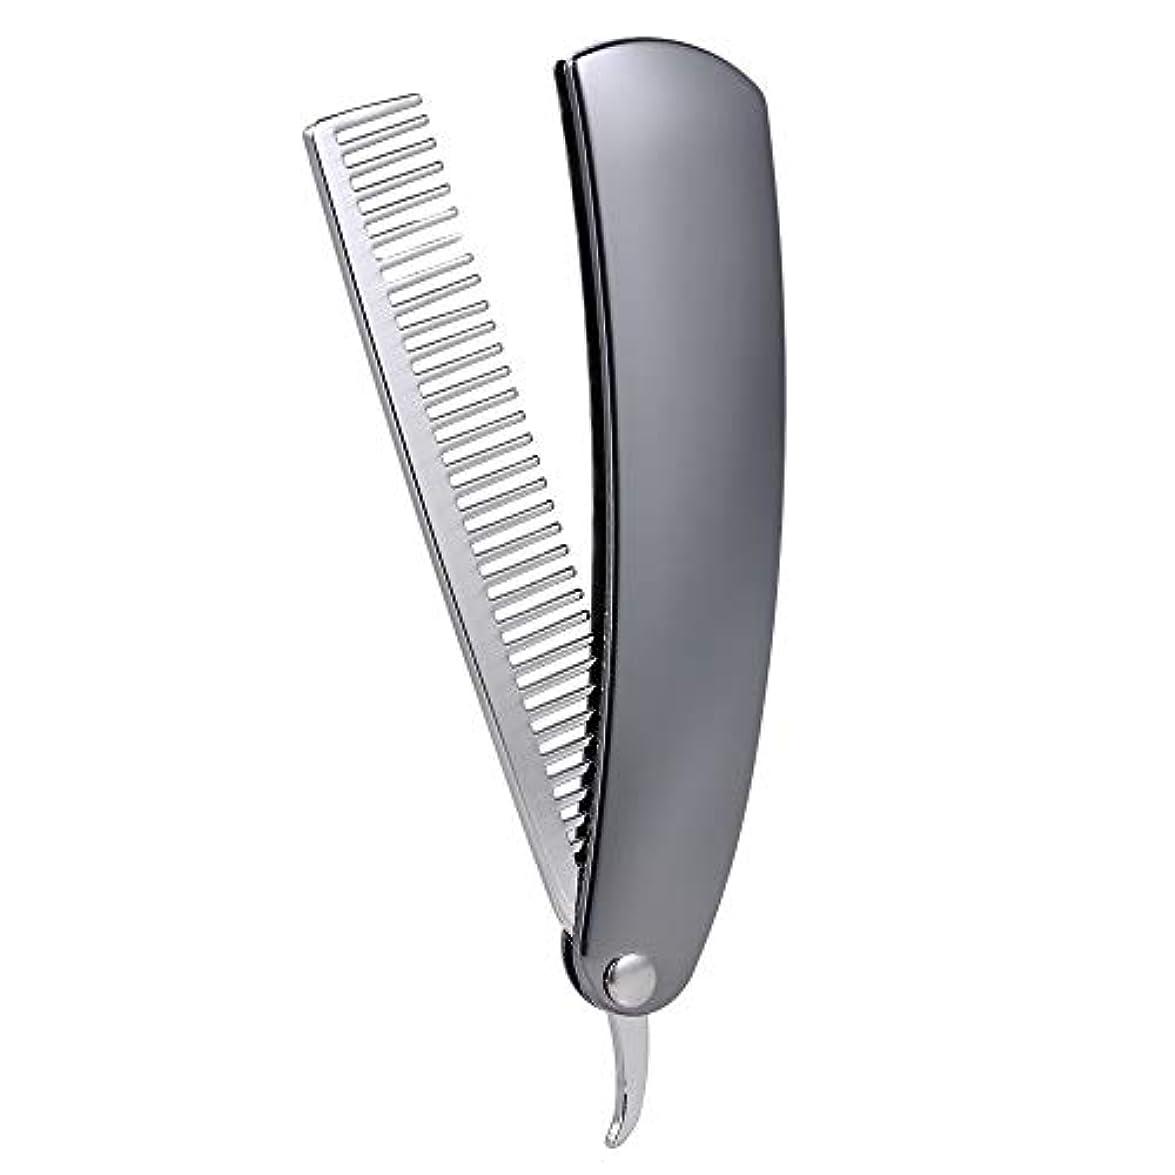 シンジケート一貫性のない望みFoldable Male Beard hair Combs Stainless Steel Brush Mini Pocket Men's Shaving Comb Portable Mustache Styling...